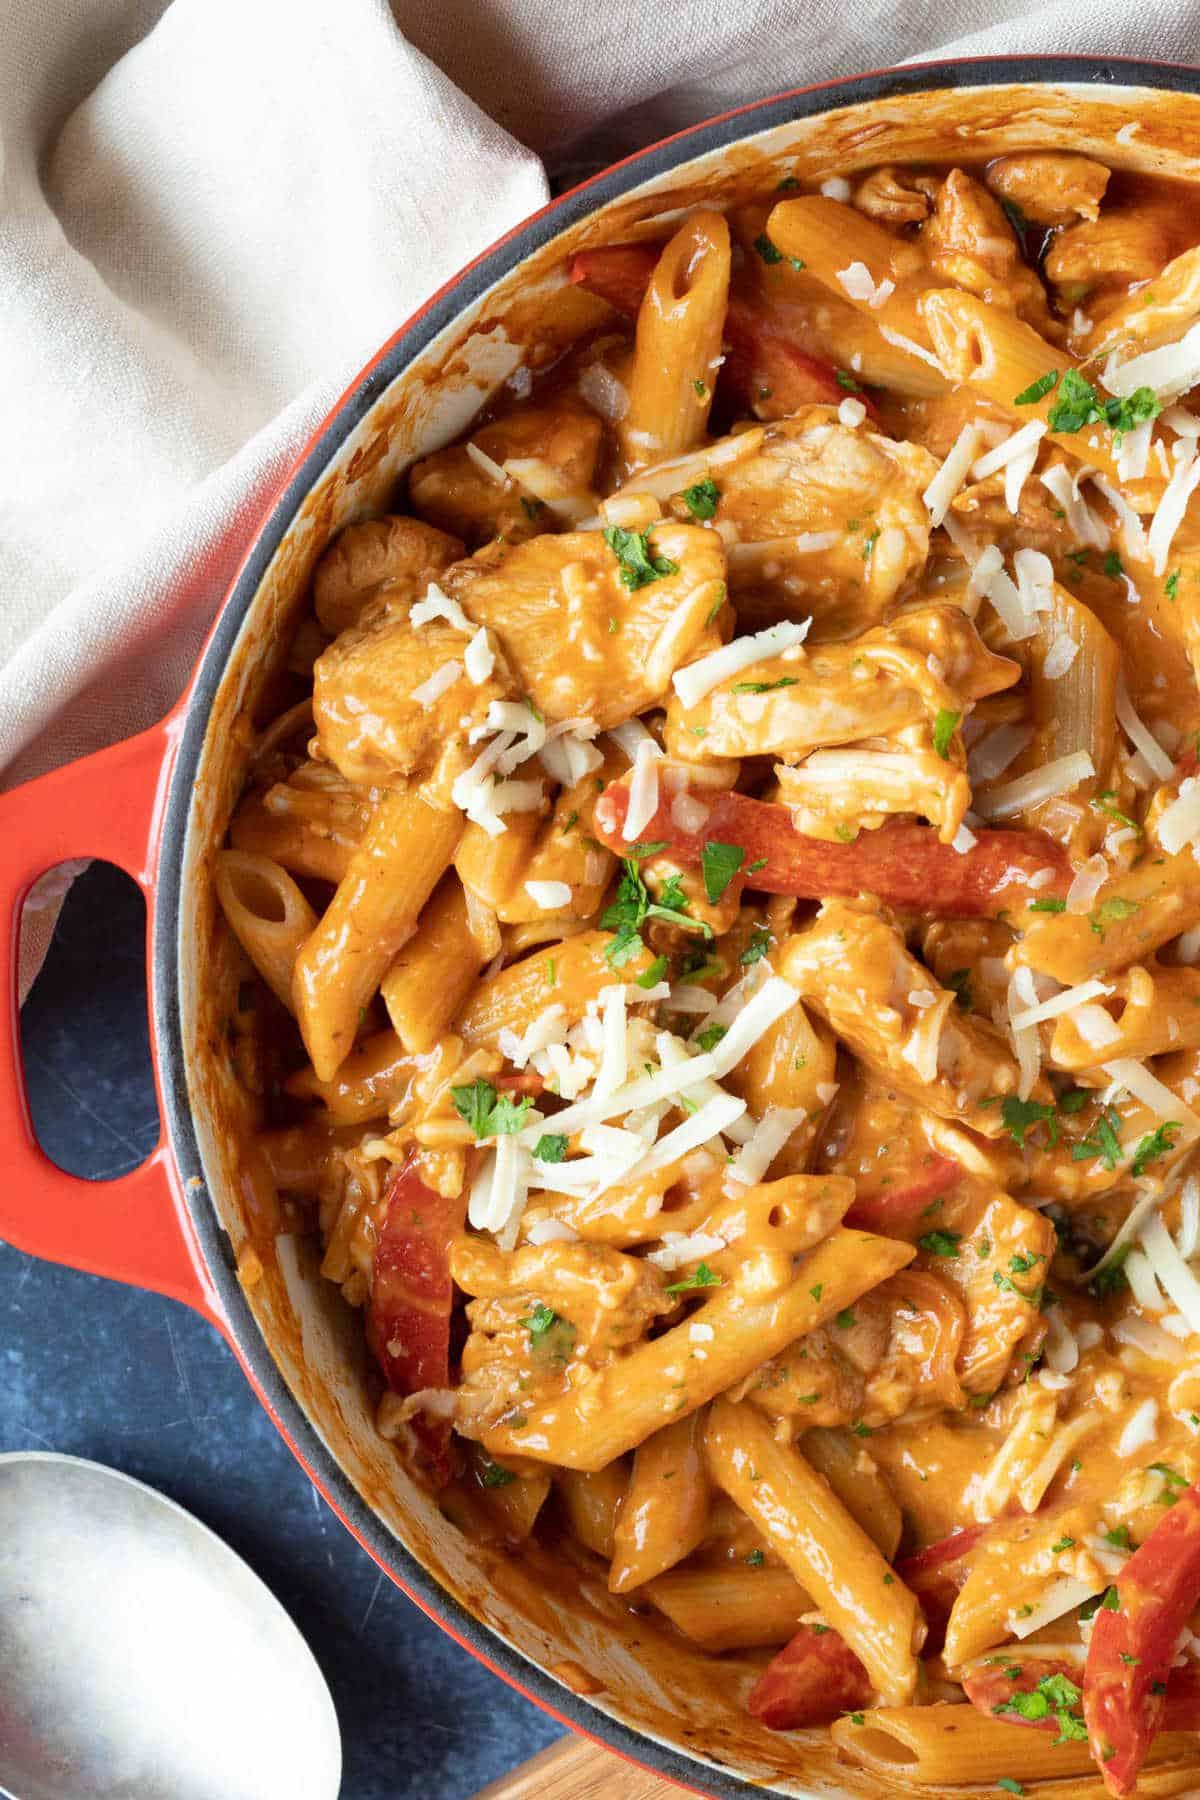 Creamy BBQ chicken pasta in a red casserole.